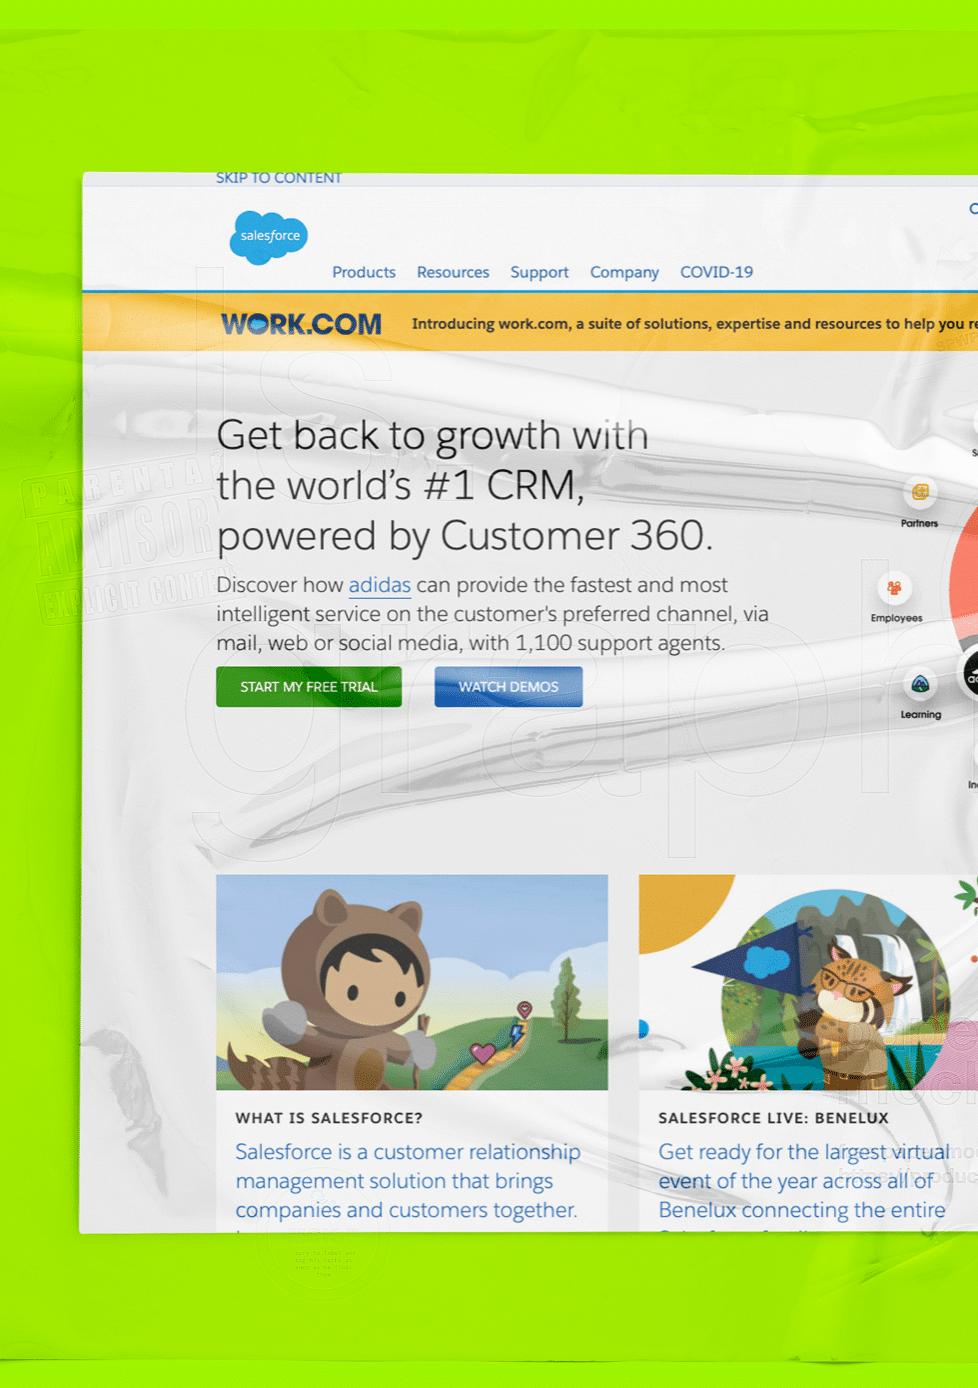 Salesforce webpage